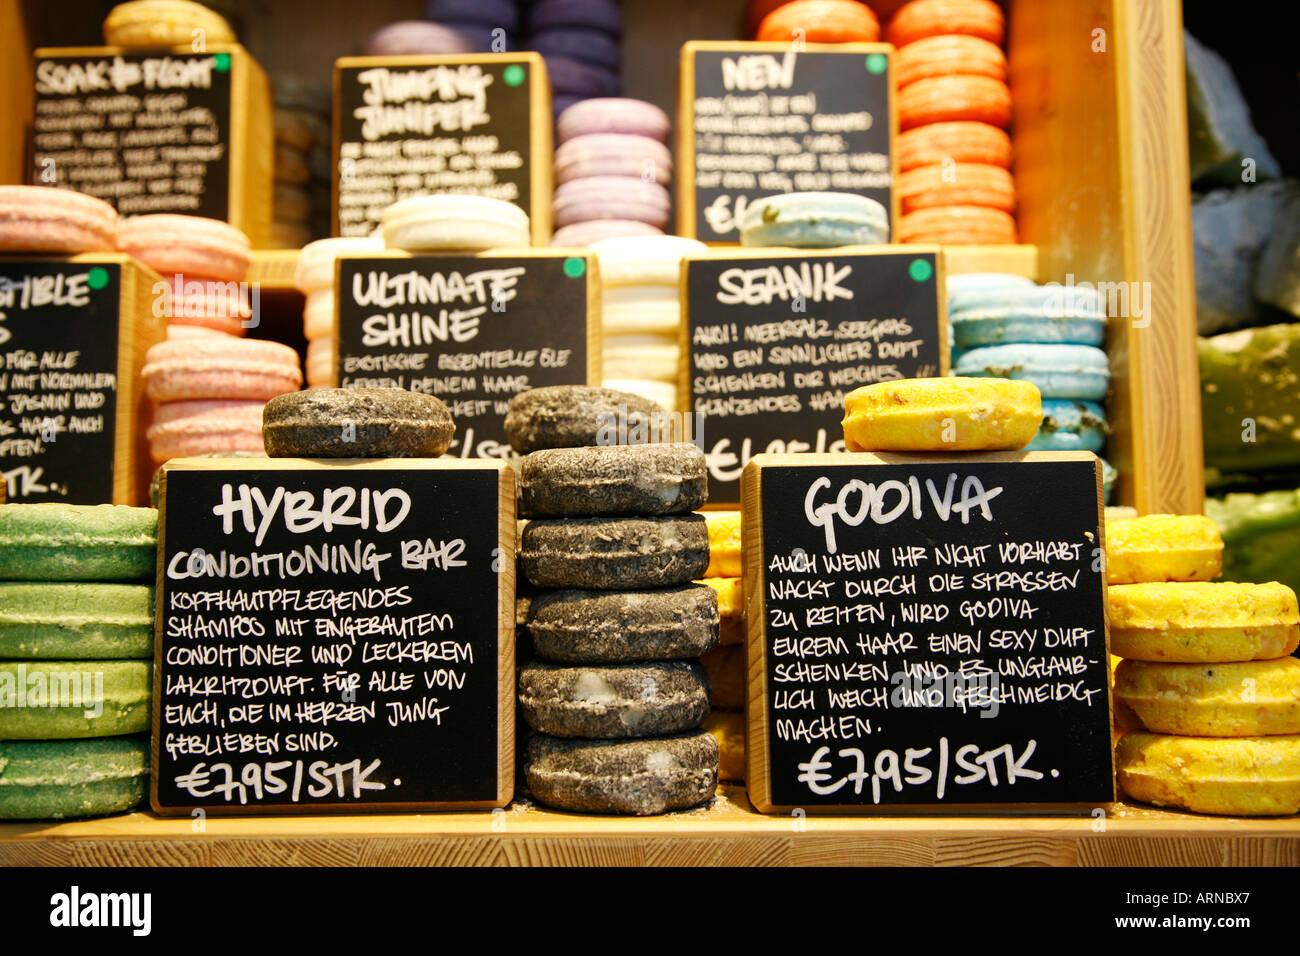 Online soap shop